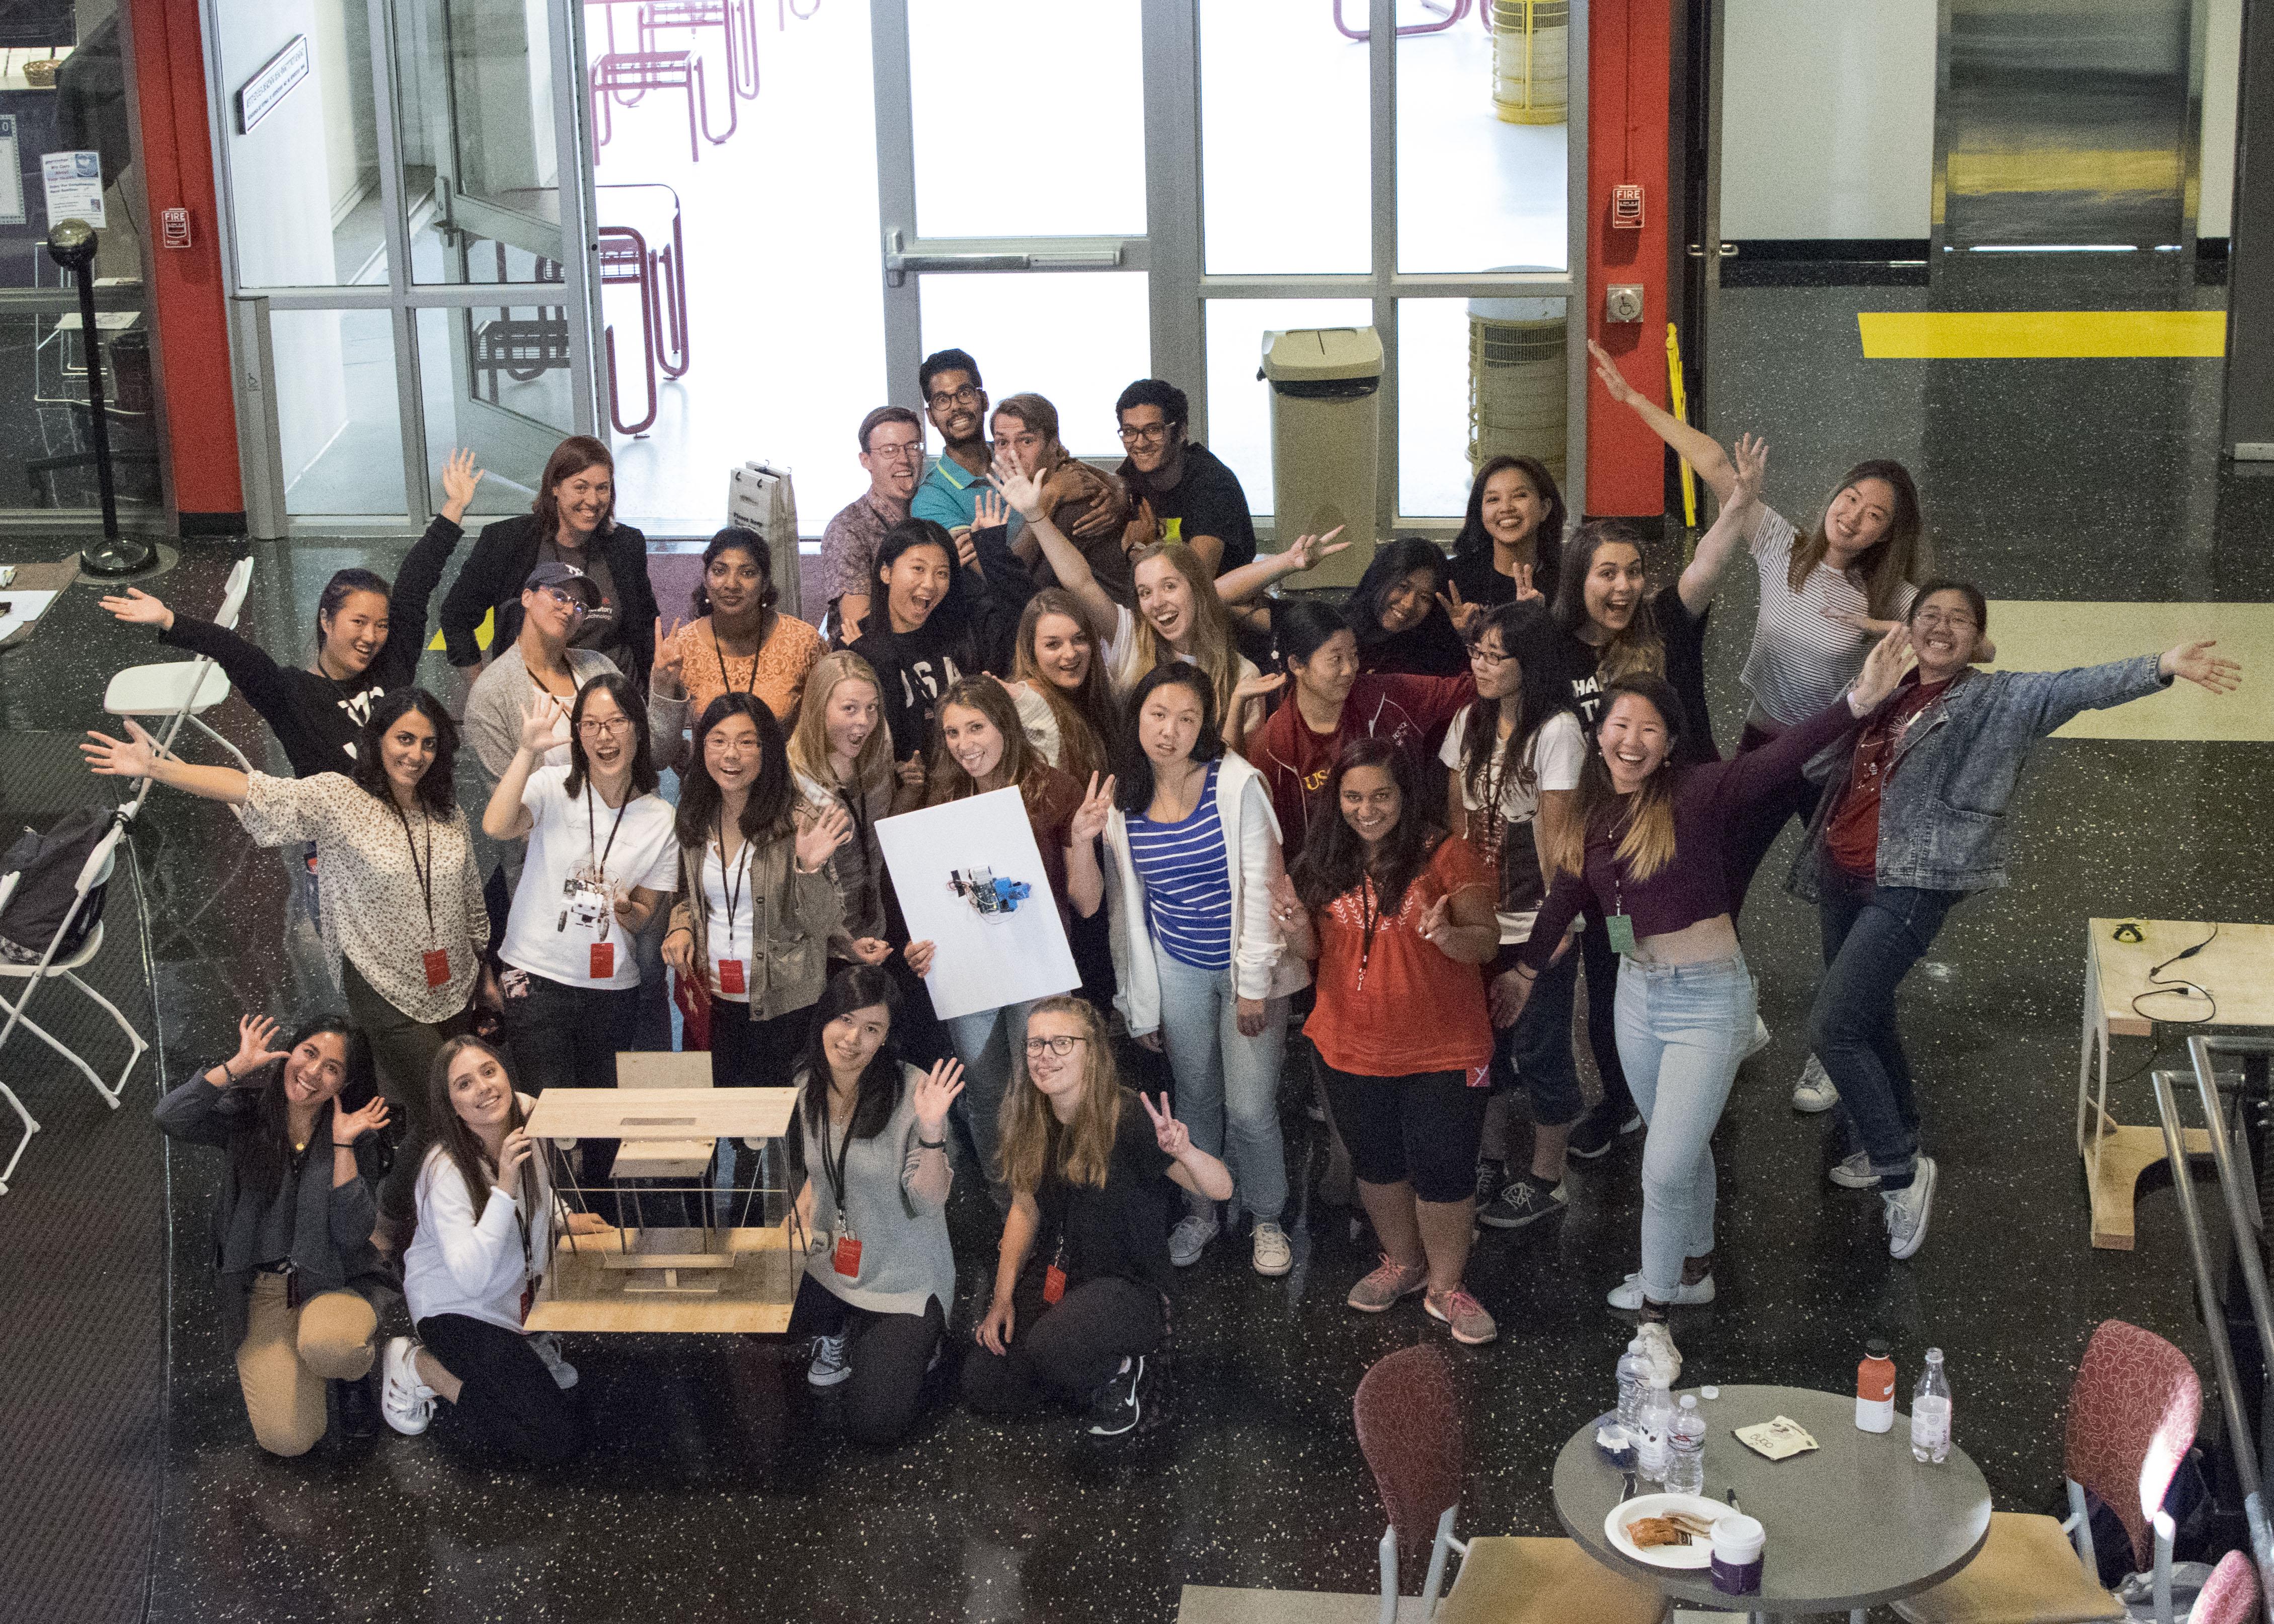 Participants at Make to Break Hackathon